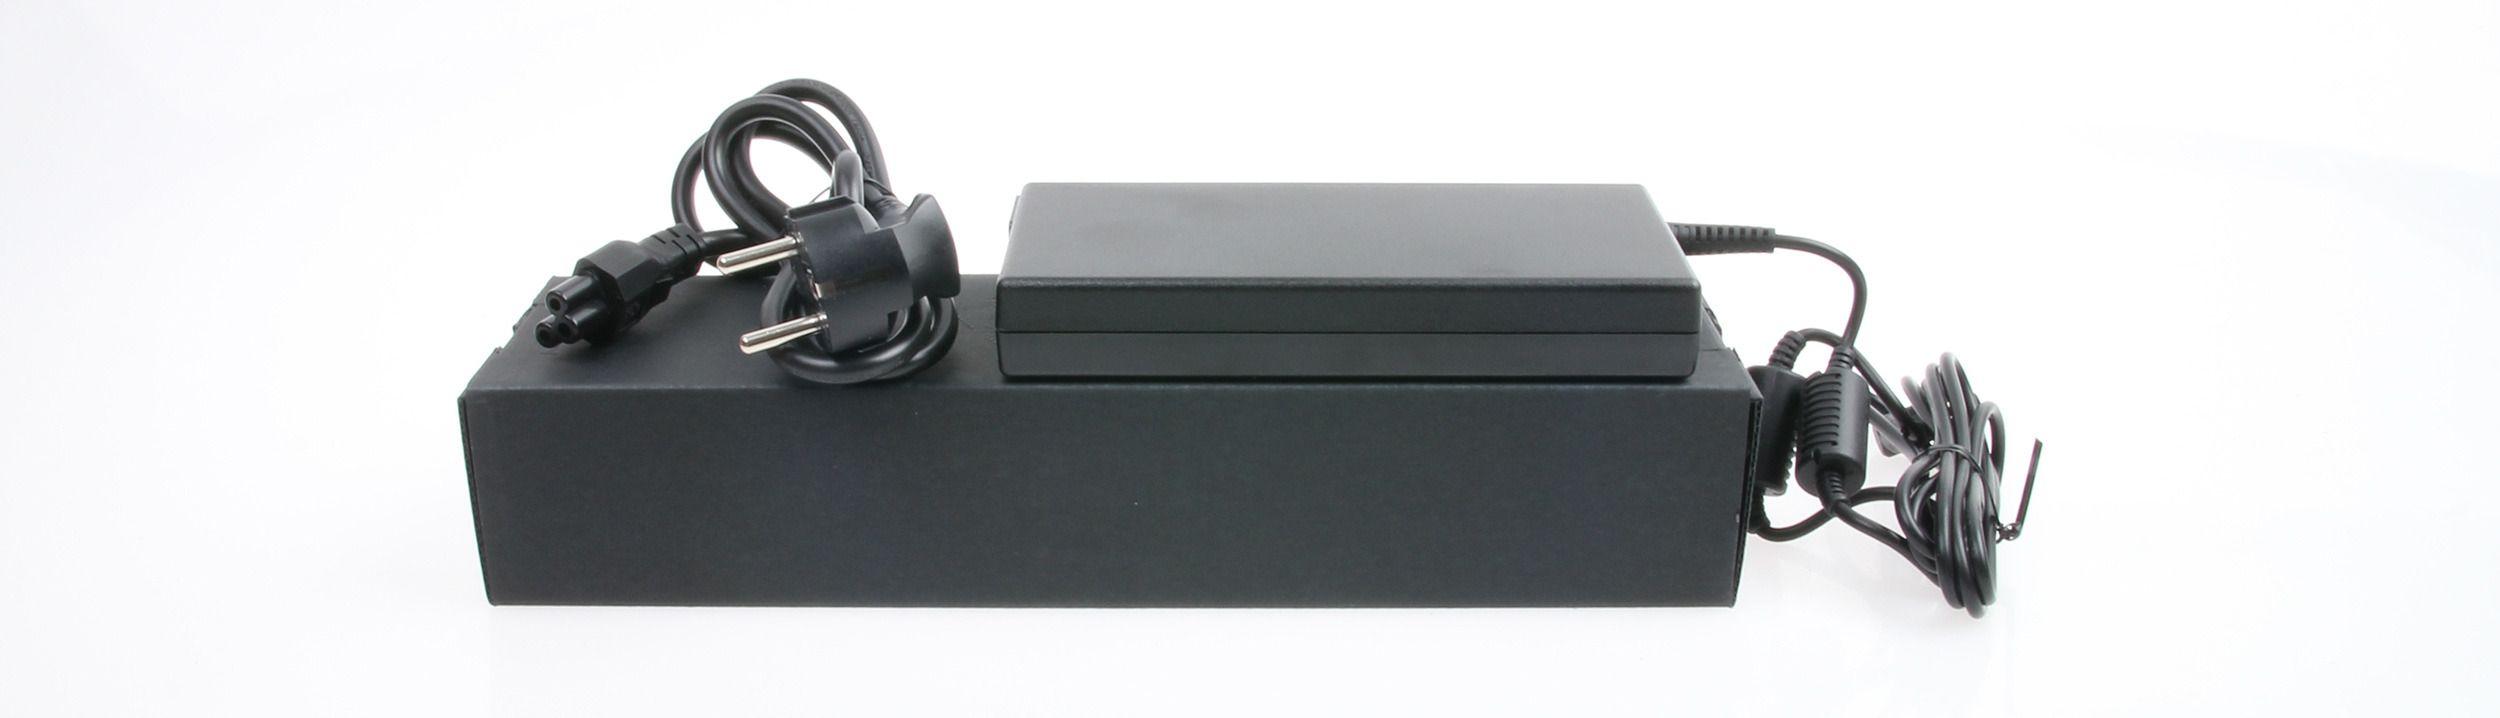 Også laderen er ganske tynn. Med et GTX 860M-grafikkort innabords trekker nemlig ikke maskinen så mye strøm som andre spillbeist. Foto: Anders Brattensborg Smedsrud, Hardware.no